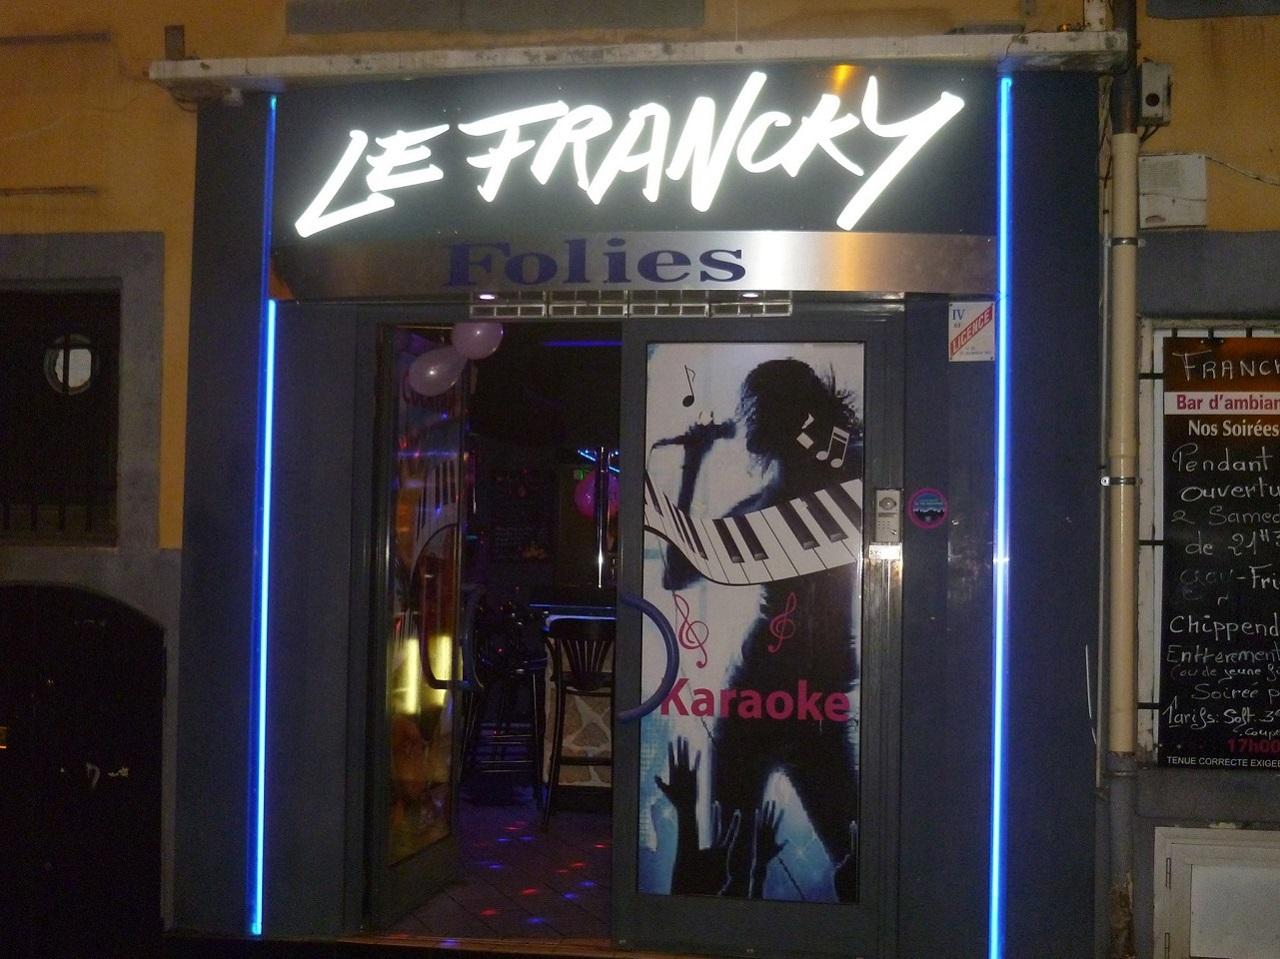 Franky folies